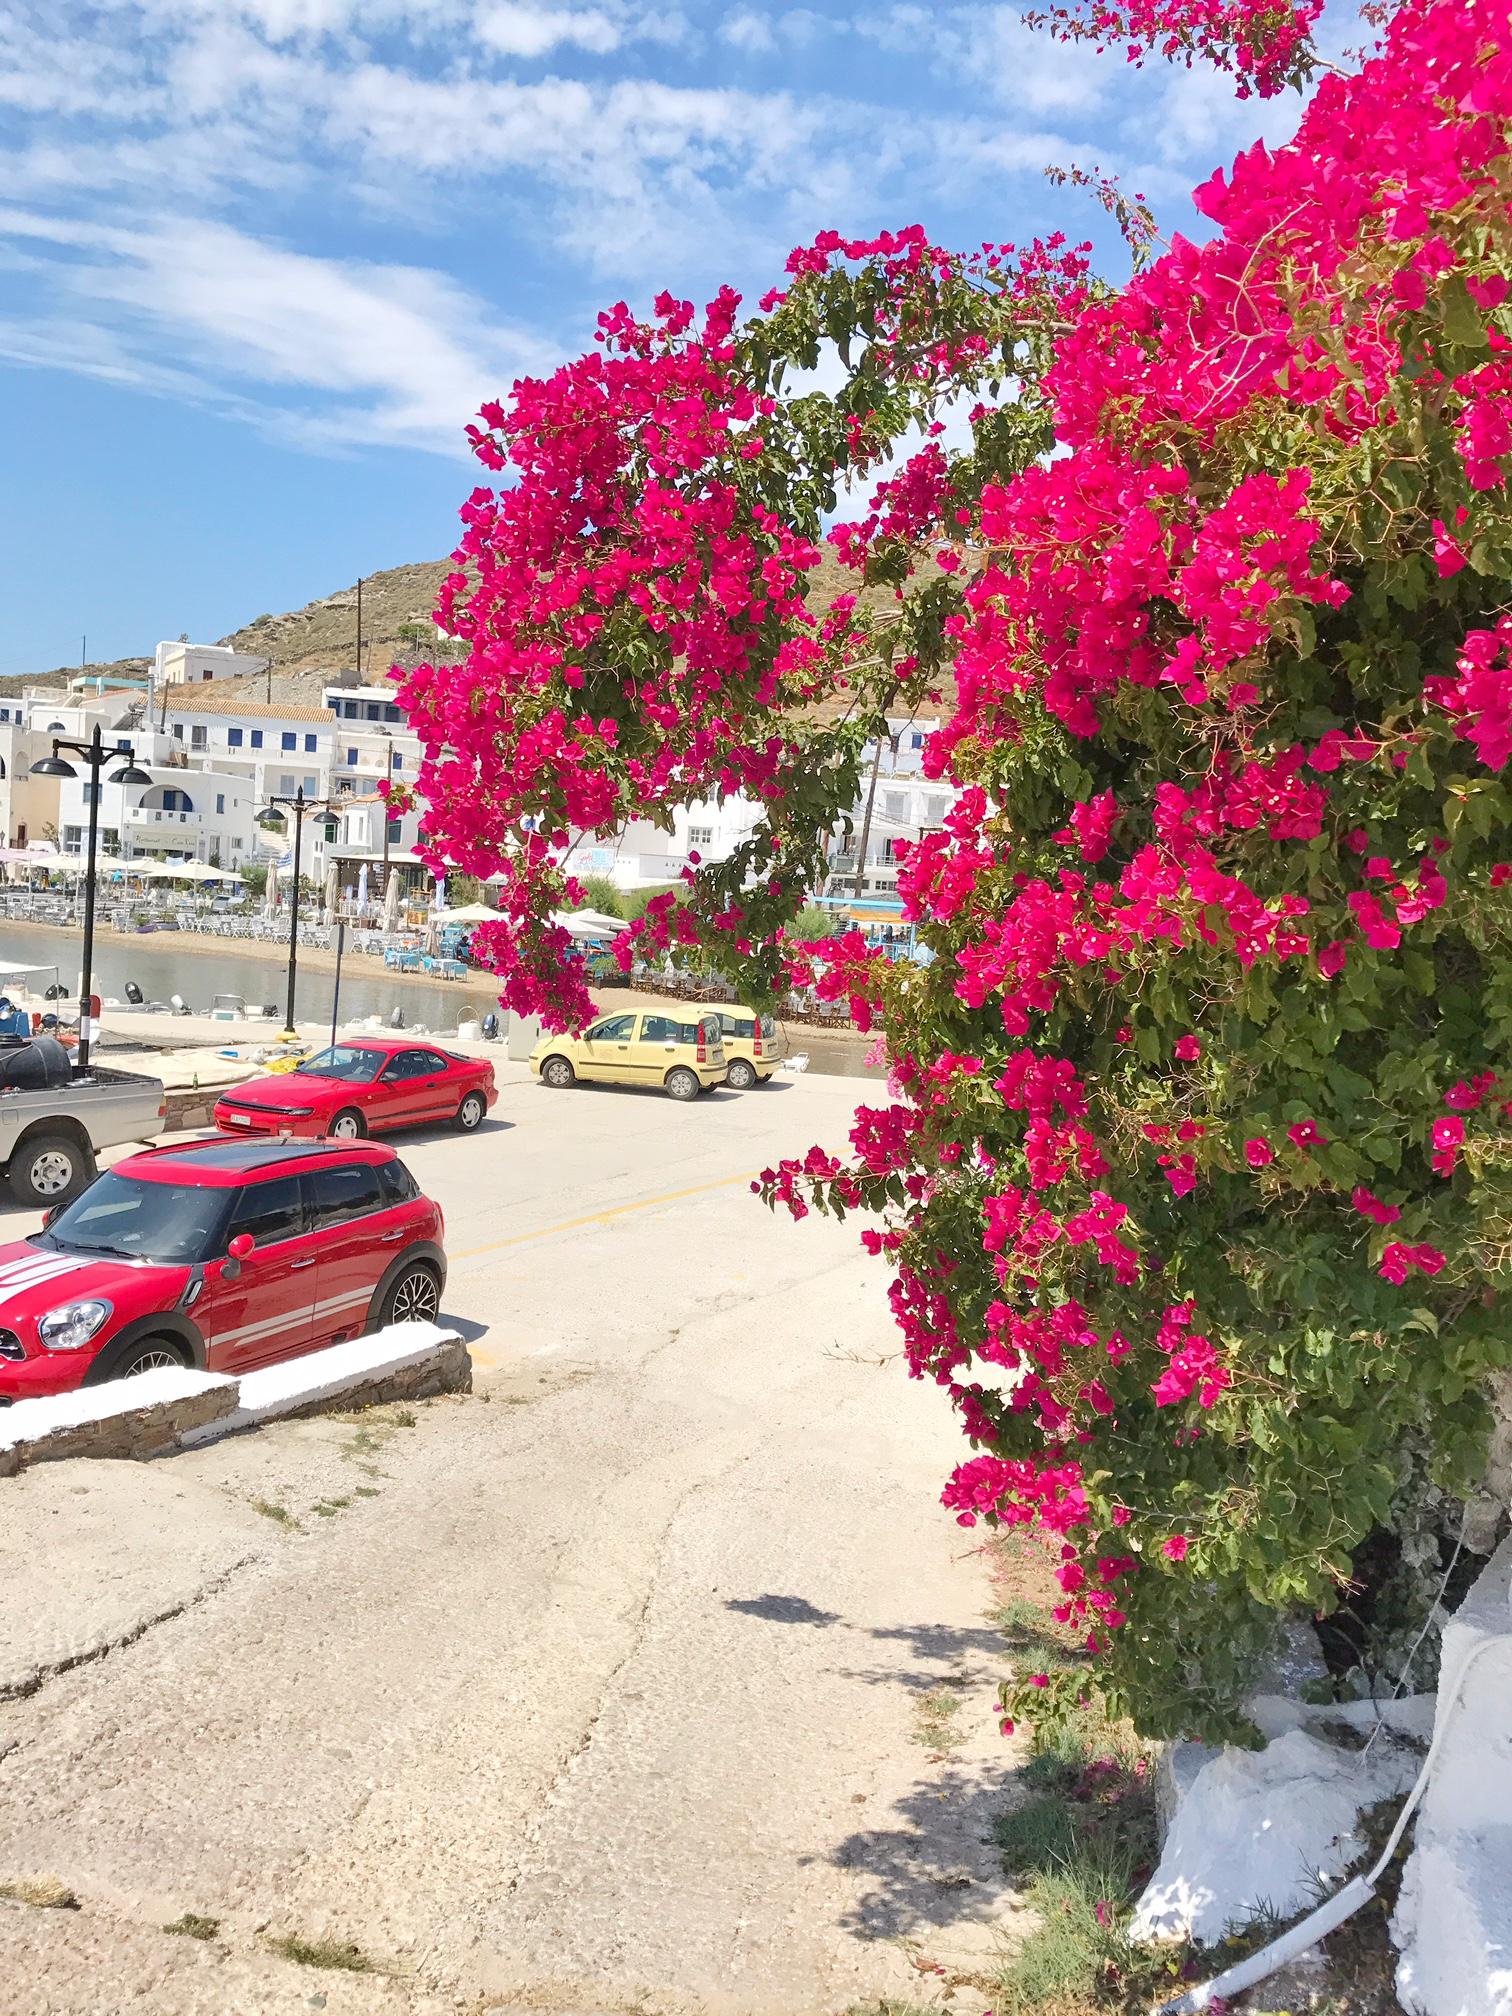 kythnos-travel-blog